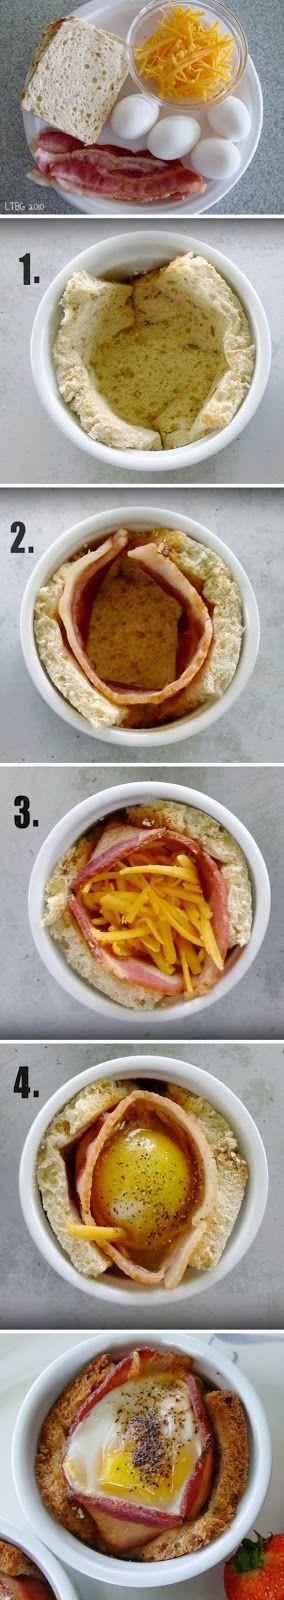 Simple Things: Receitinha prática para Breakfast